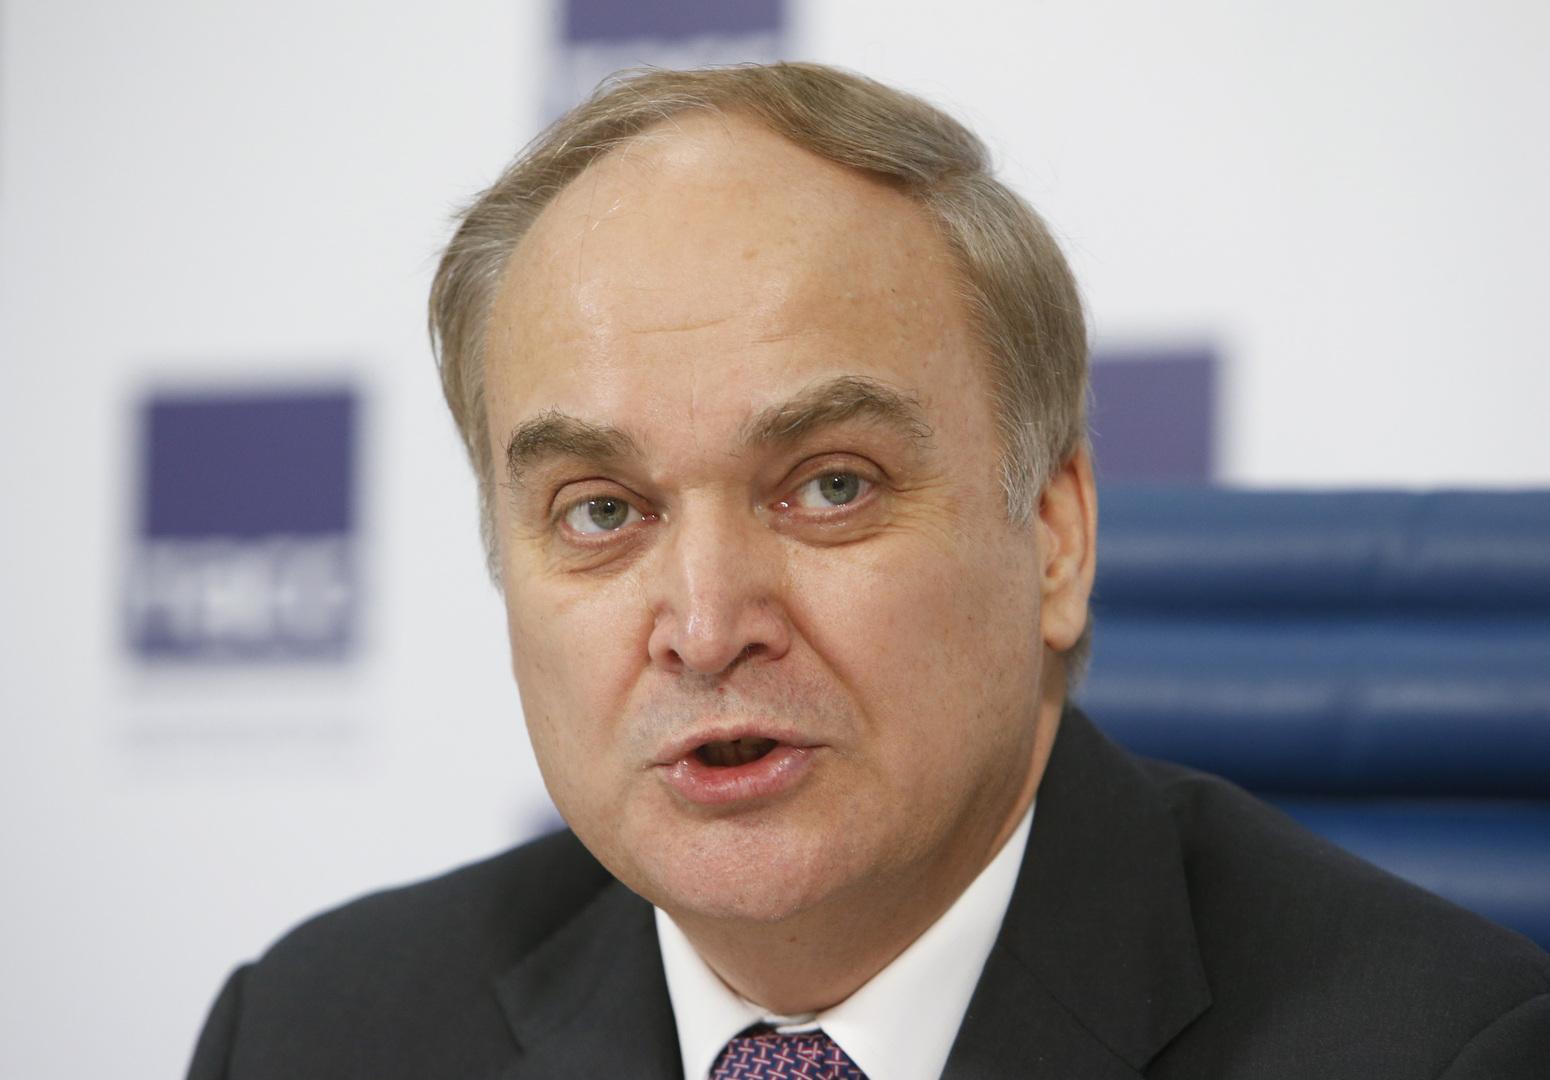 السفير الروسي بالولايات المتحدة أناتولي انطونوف